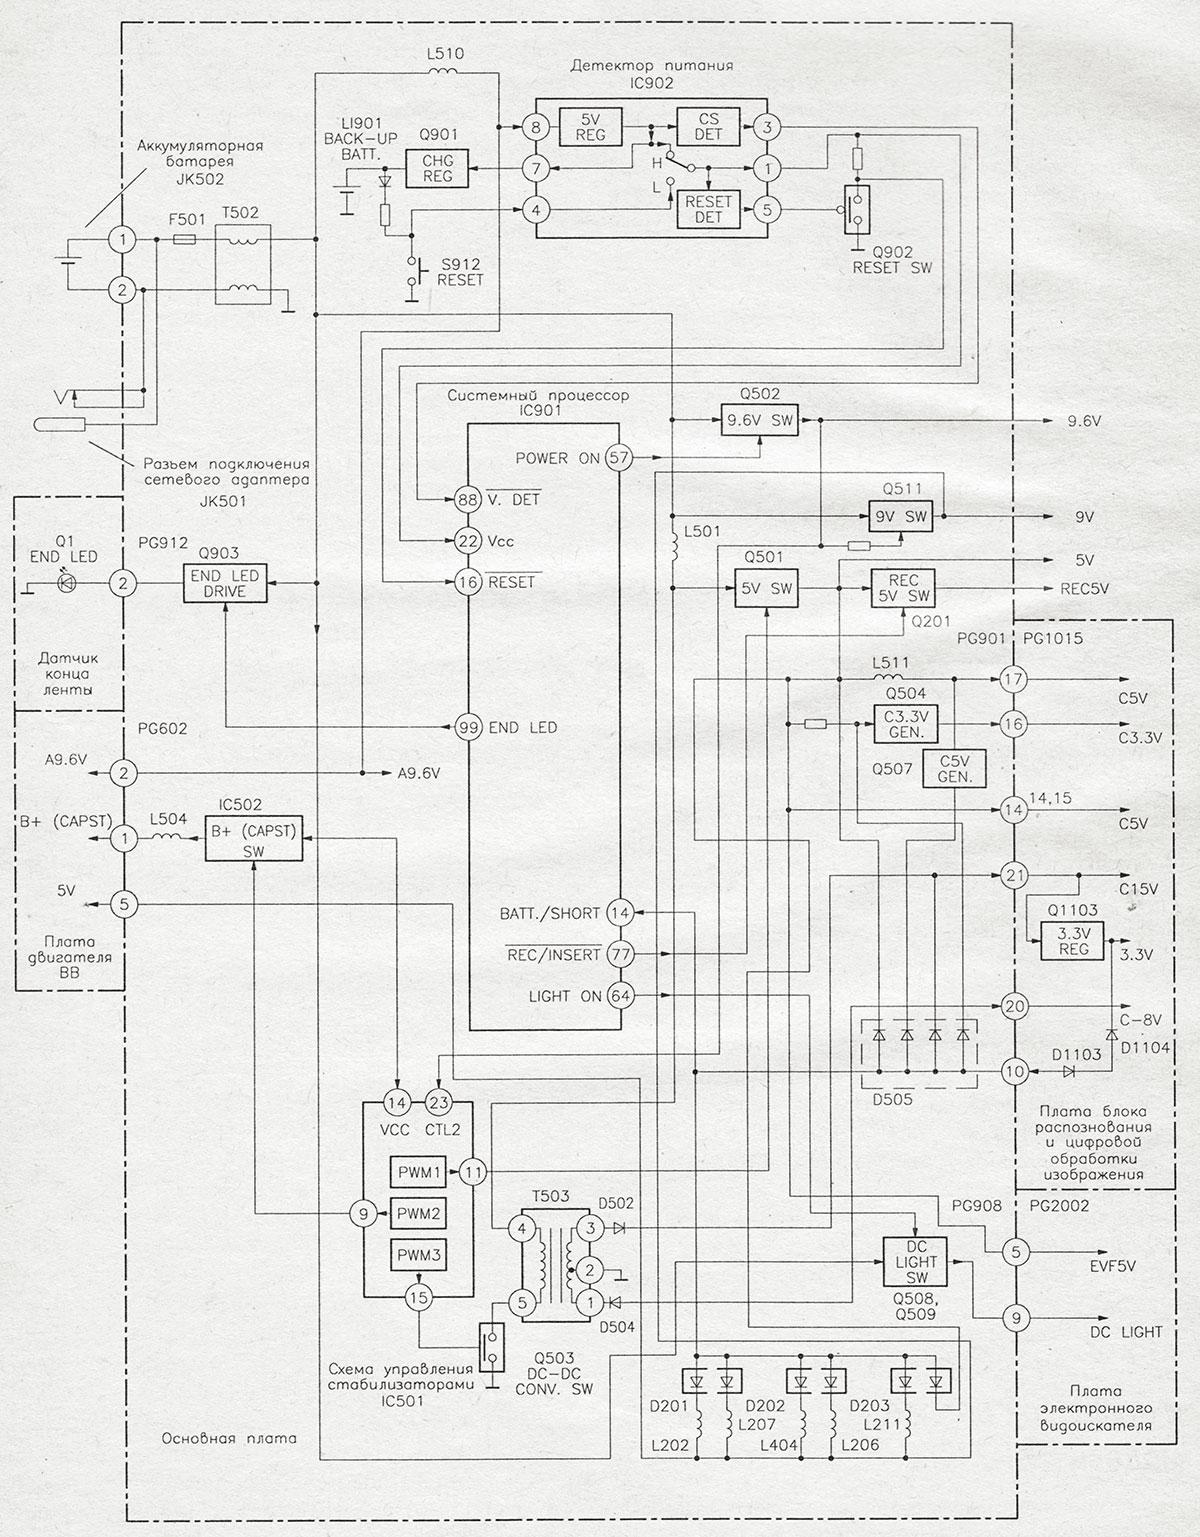 Структурная схема DC-DC преобразователя видеокамеры Hitachi VM-7380E